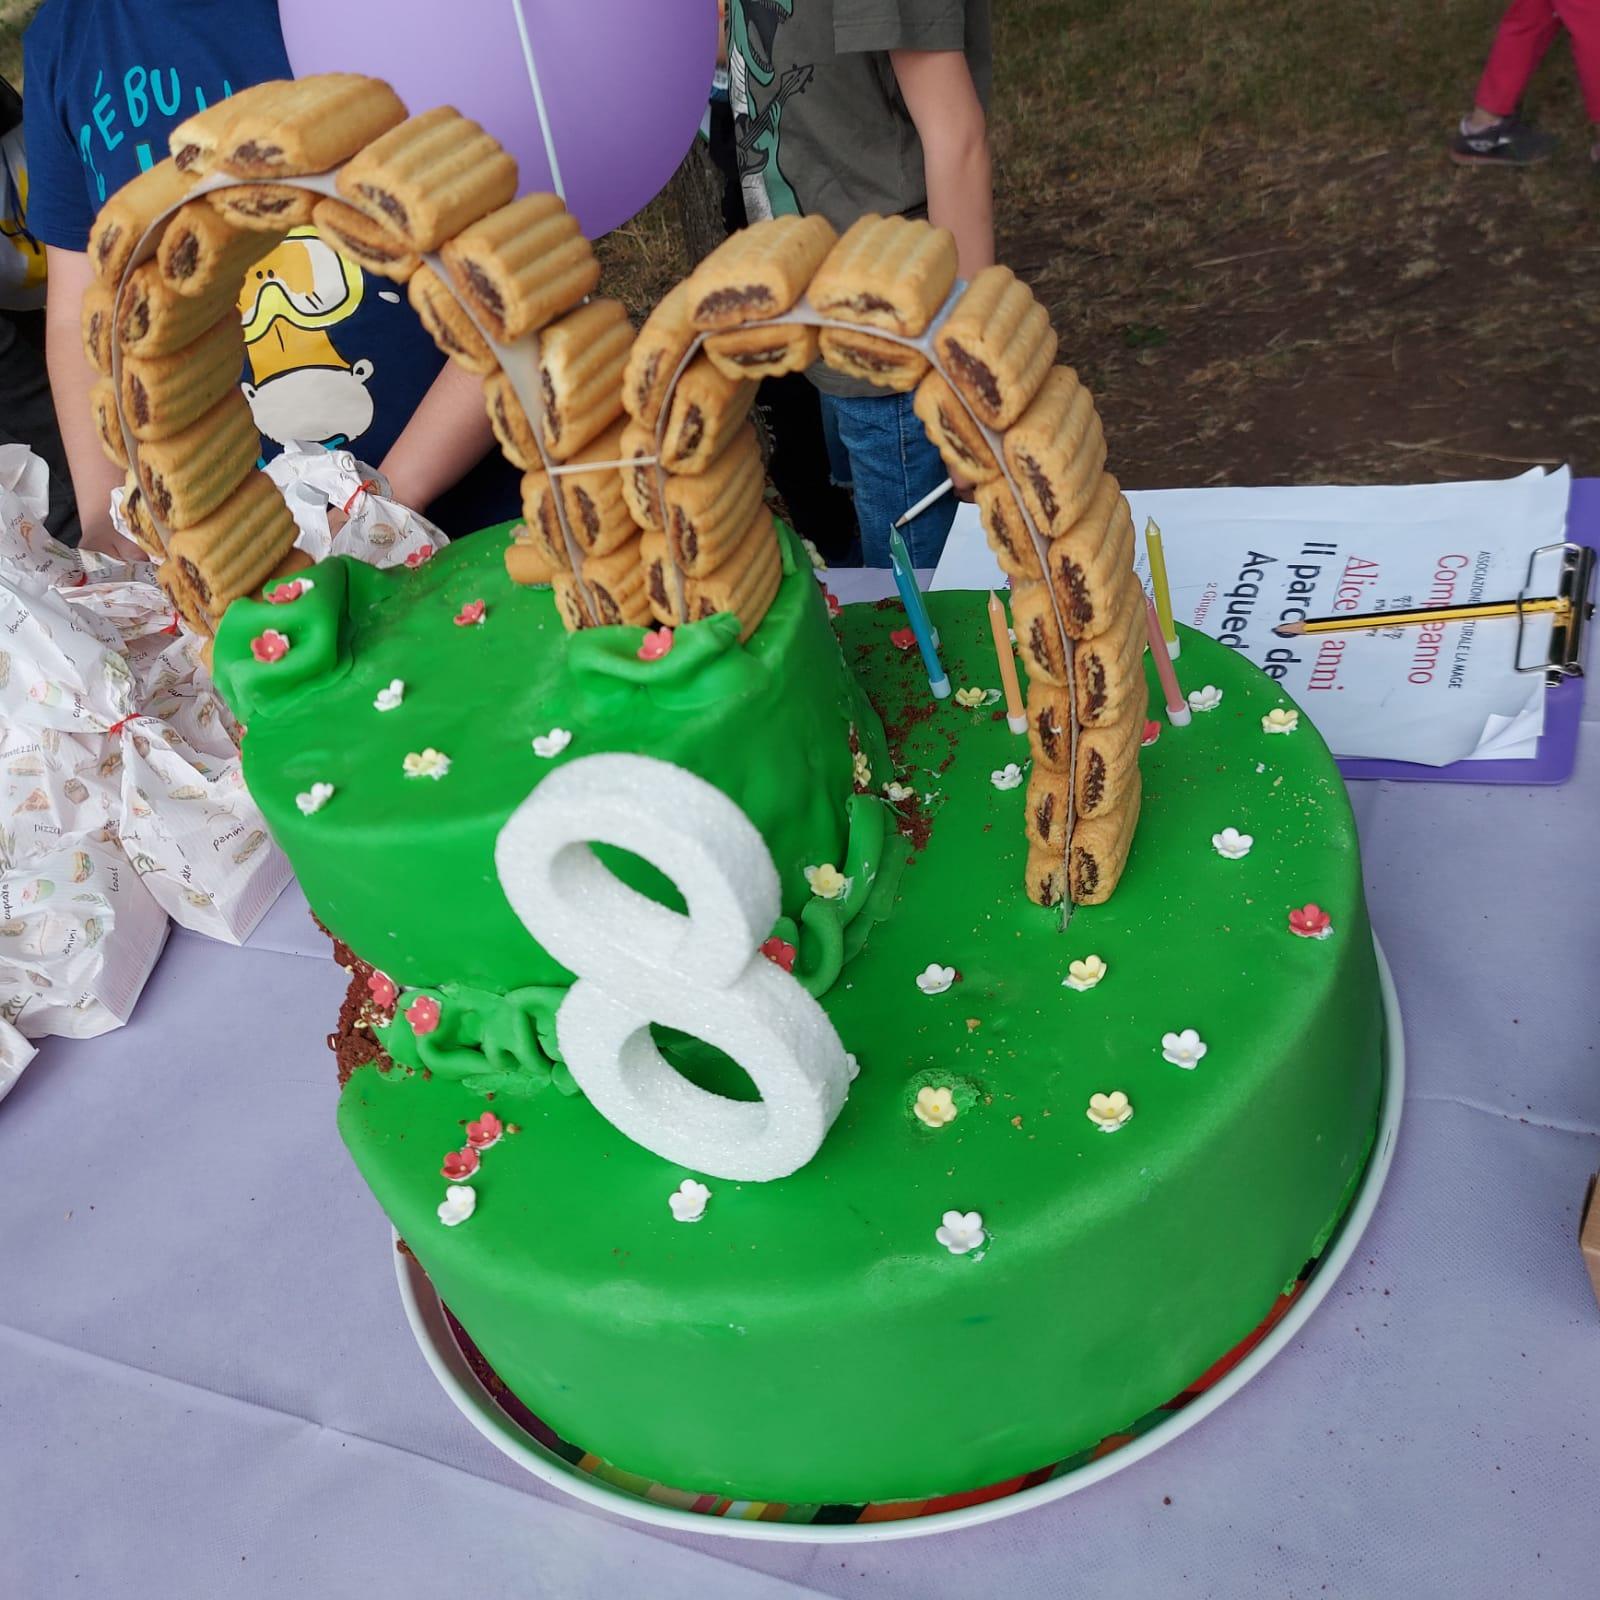 torta di compleanno festa parco acquedotti arte per bambini la mage